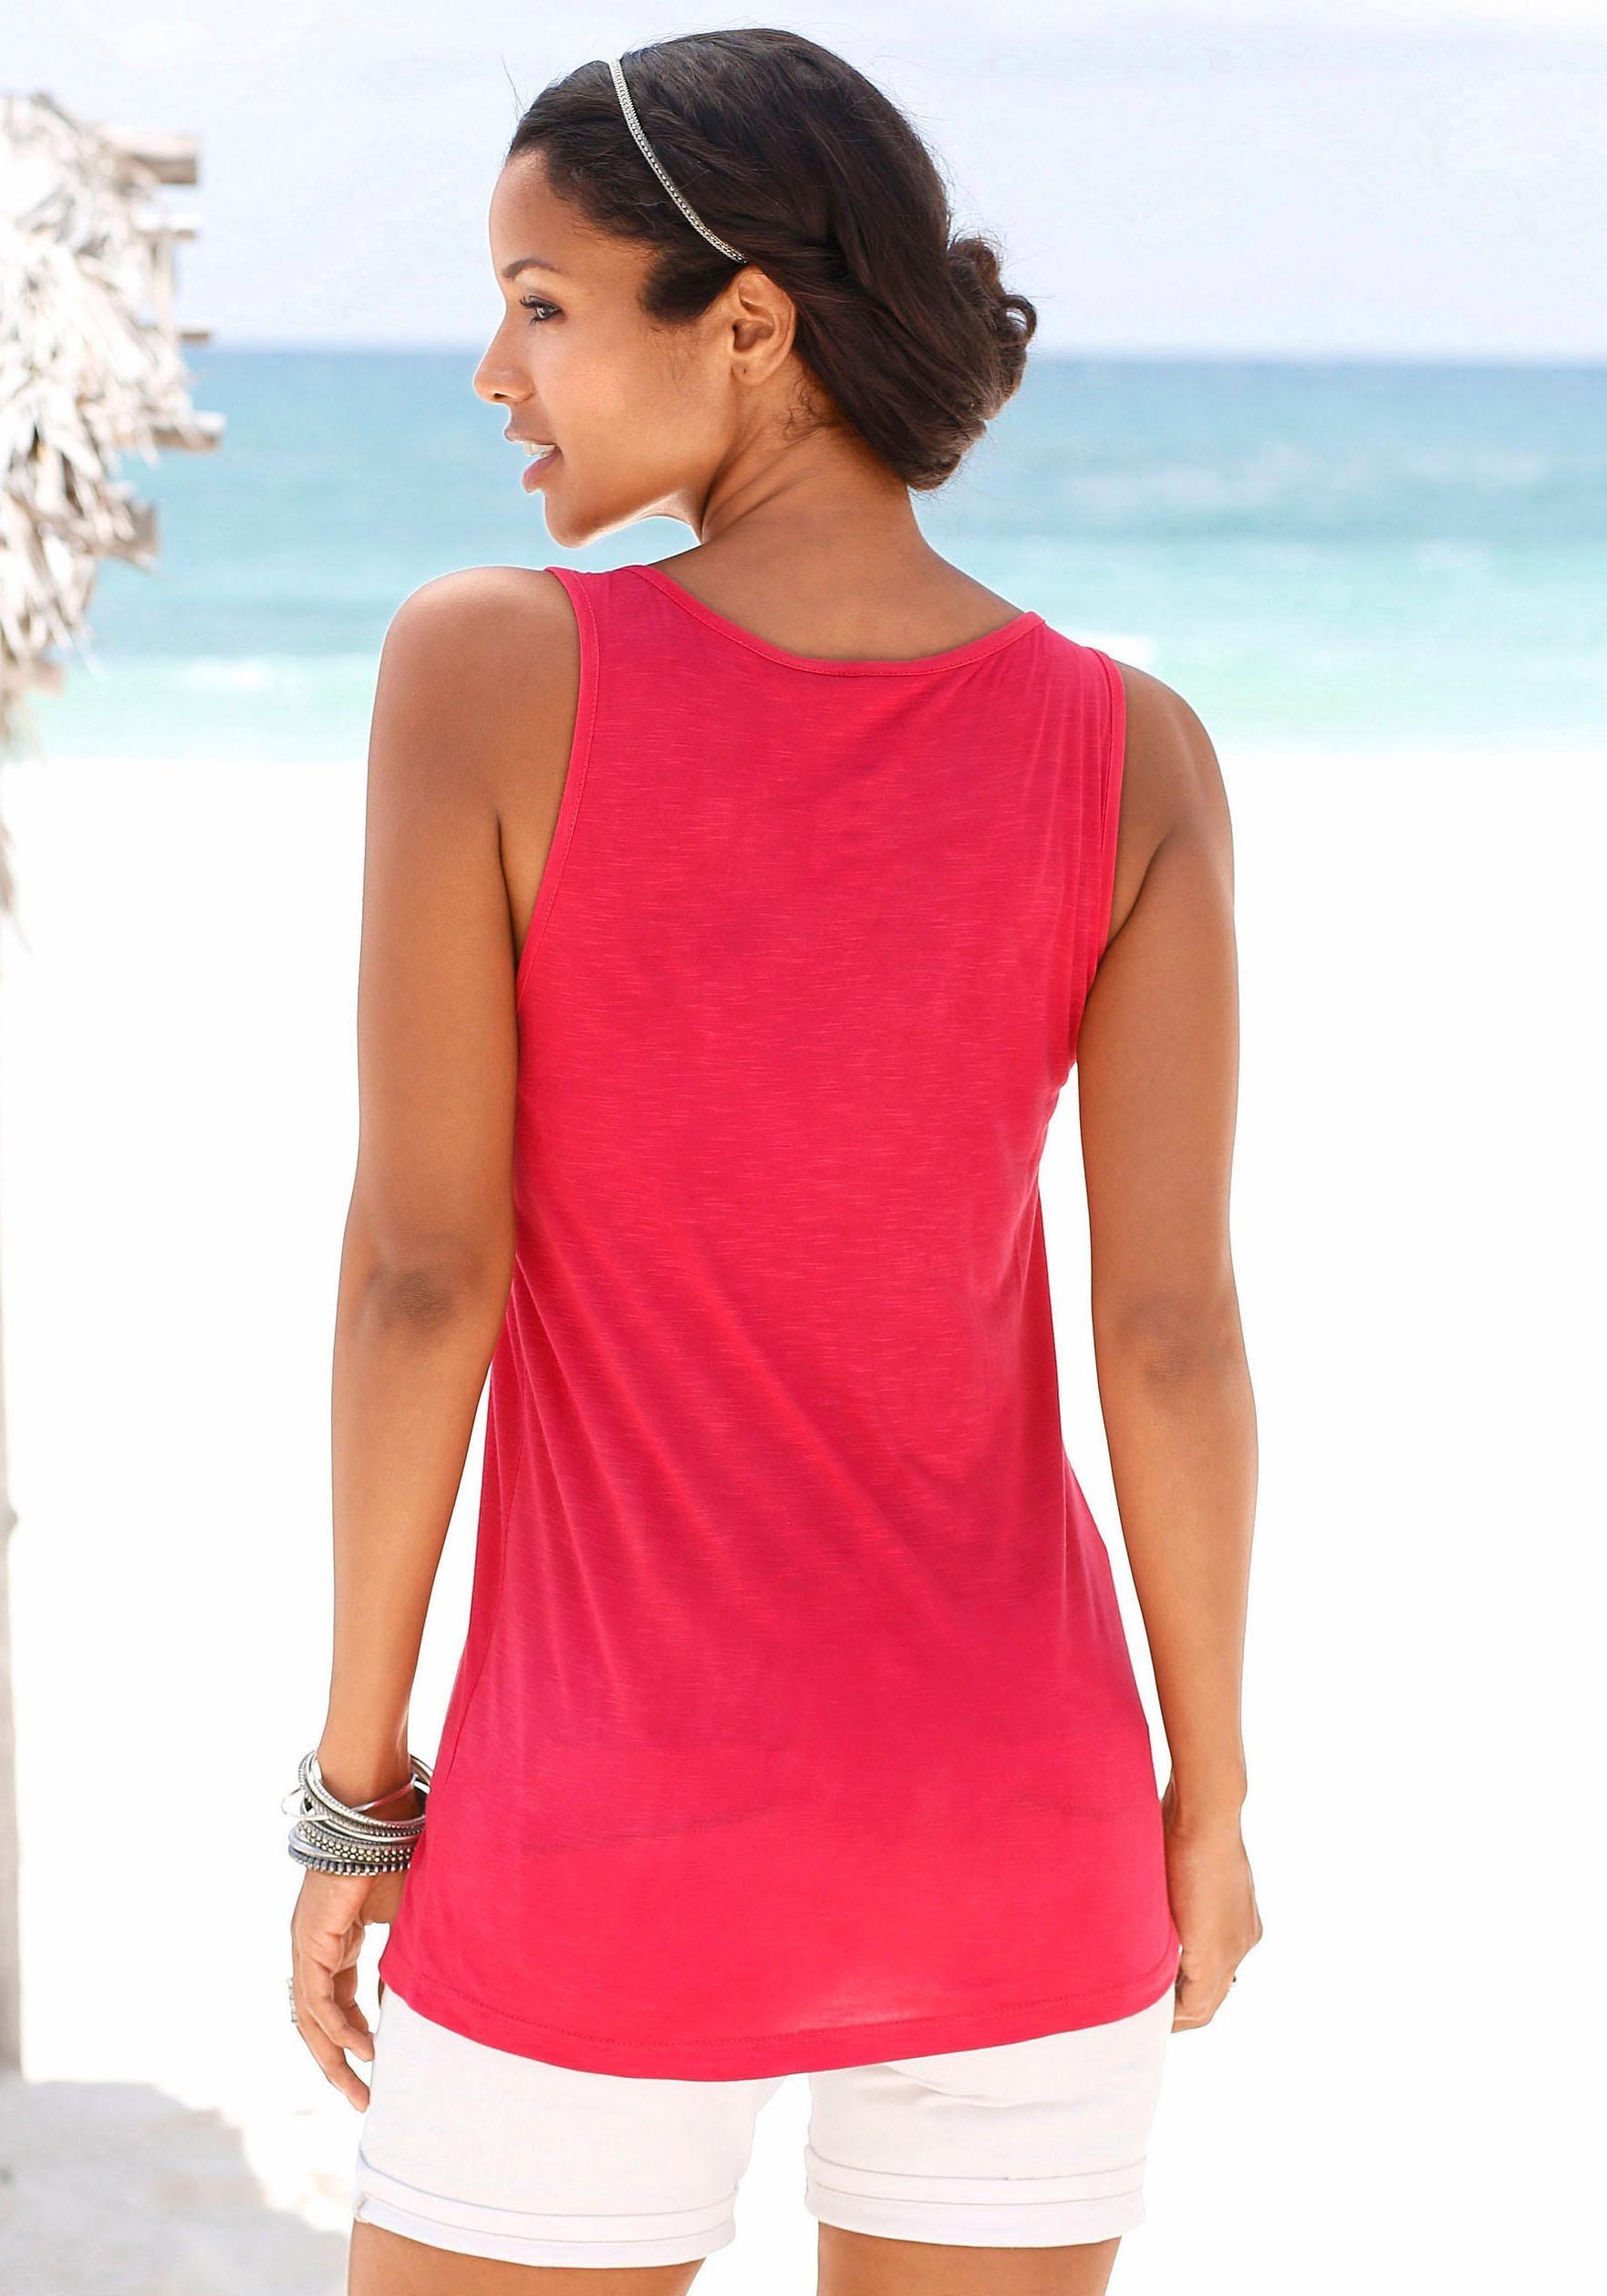 soliver beachwear strandtop Mit Rundhalsausschnitt